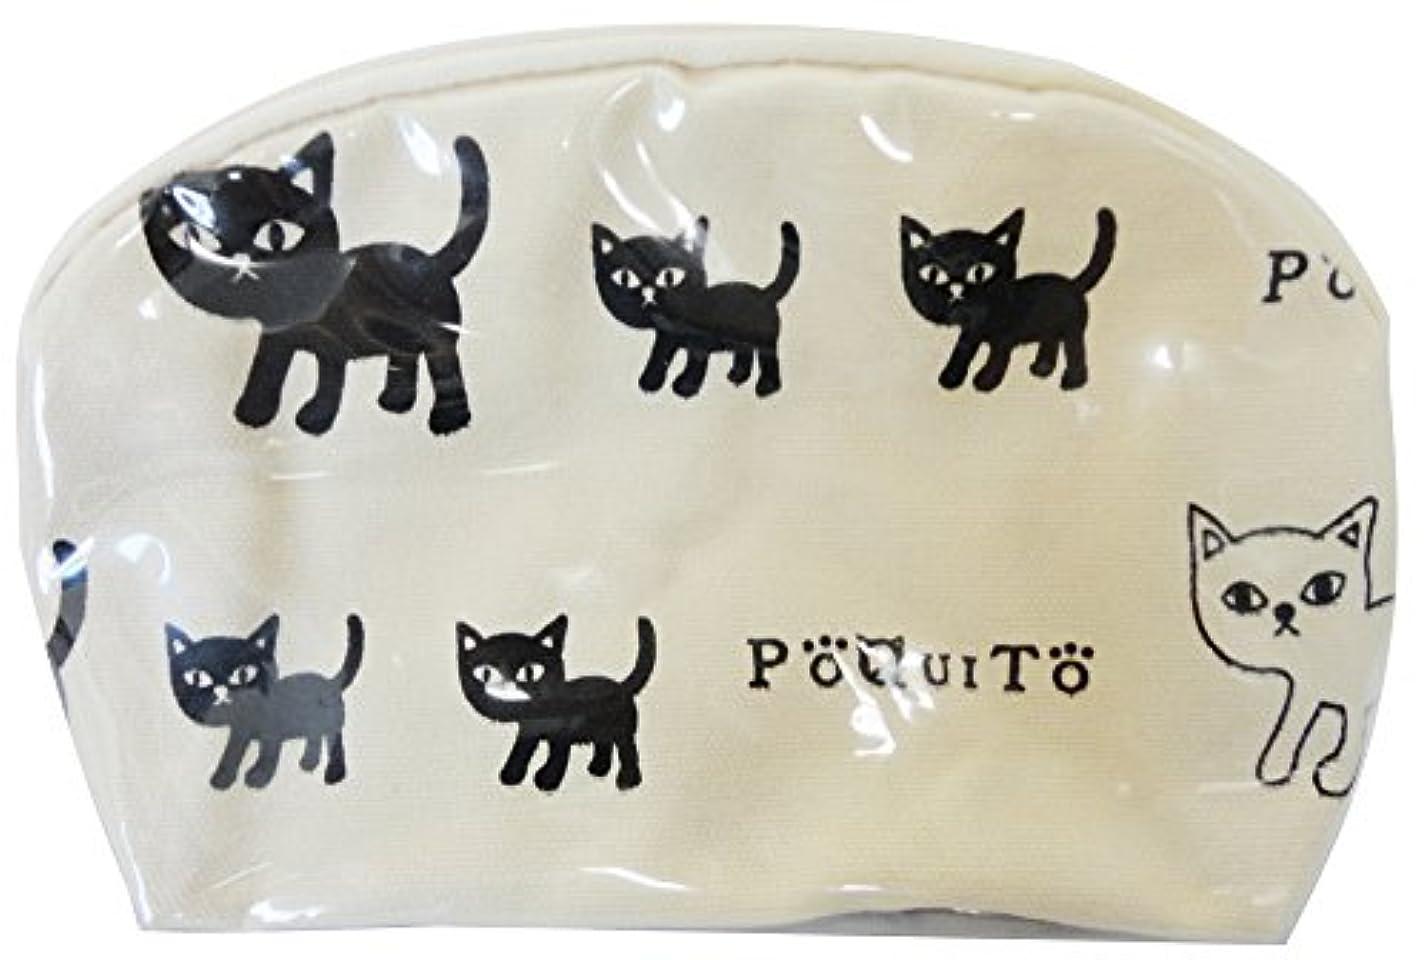 簡潔なバスルームテーブルGV 猫グッズ ポーチ ポキート A アイボリー 537348